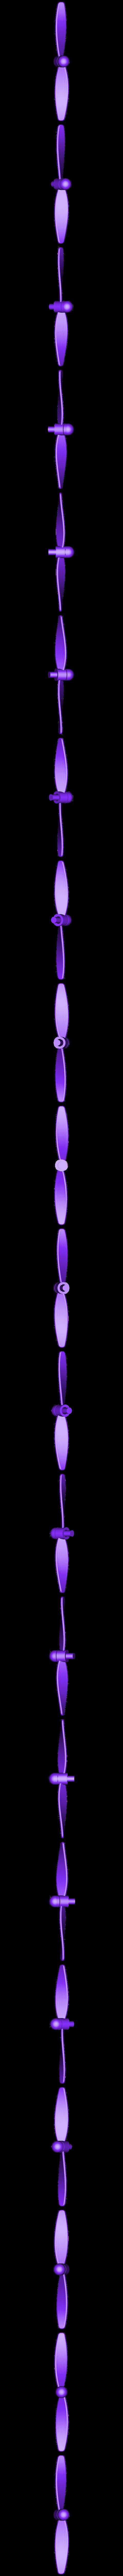 Propeller.stl Télécharger fichier STL gratuit Biplan avec Coeur • Modèle à imprimer en 3D, GabrielYun